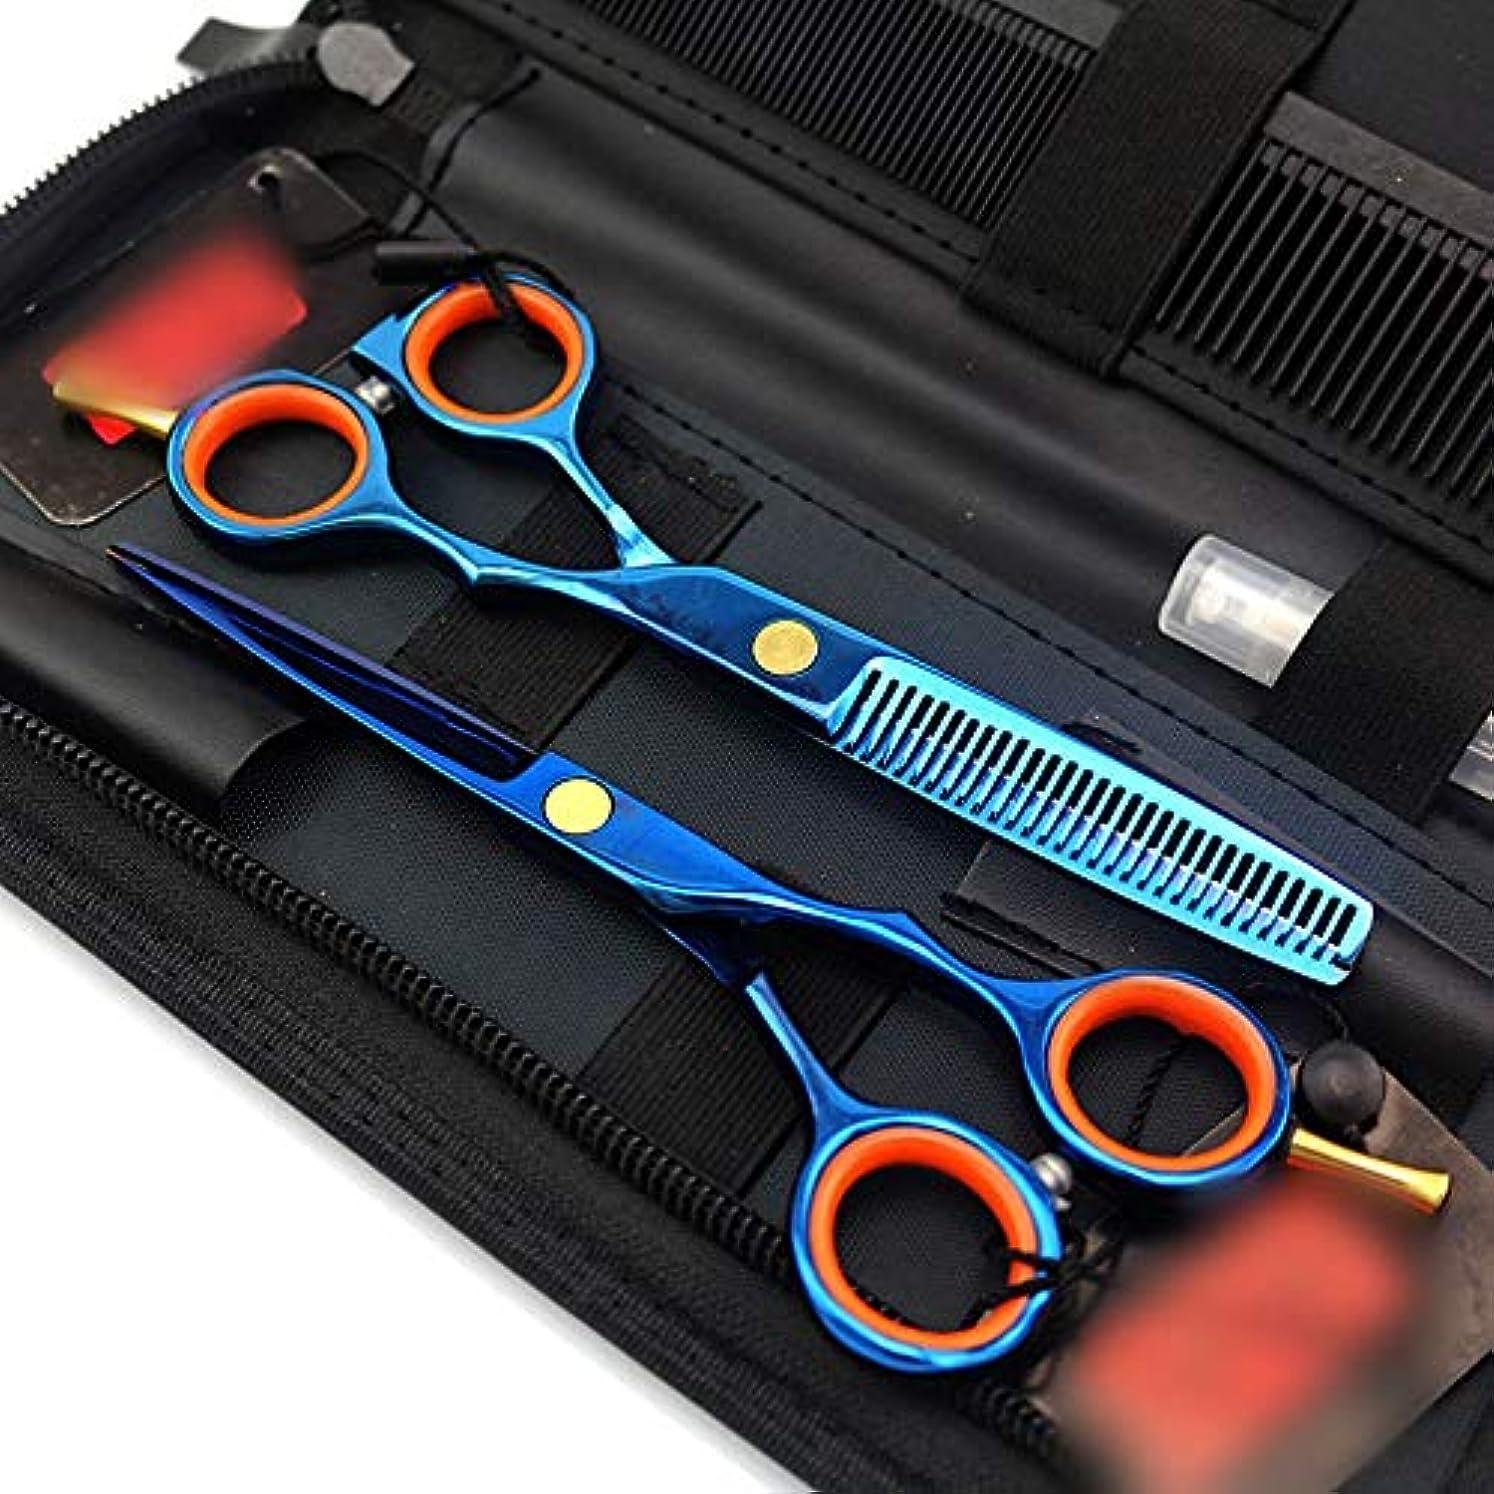 ギャザーきょうだい奴隷Hairdressing 5.5インチプロフェッショナル両面ヘアカットセット、ブルー理髪はさみセットフラットはさみ+歯はさみヘアカットはさみステンレス理髪はさみ (色 : 青)